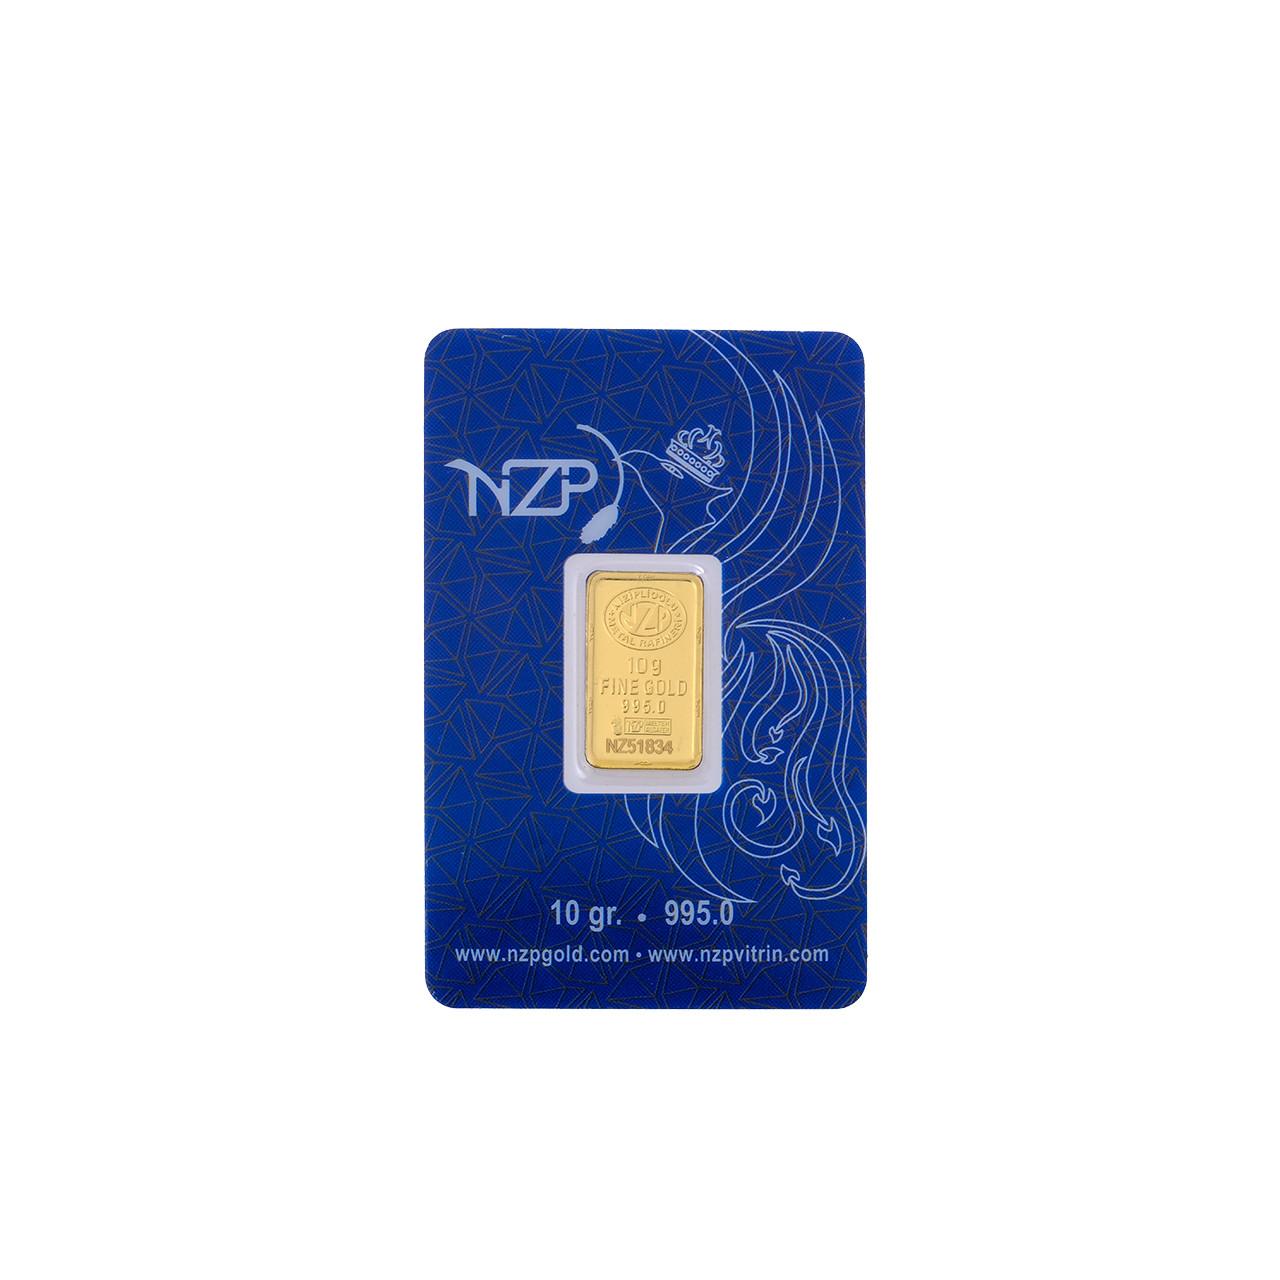 10 Gr NZP Külçe Altın